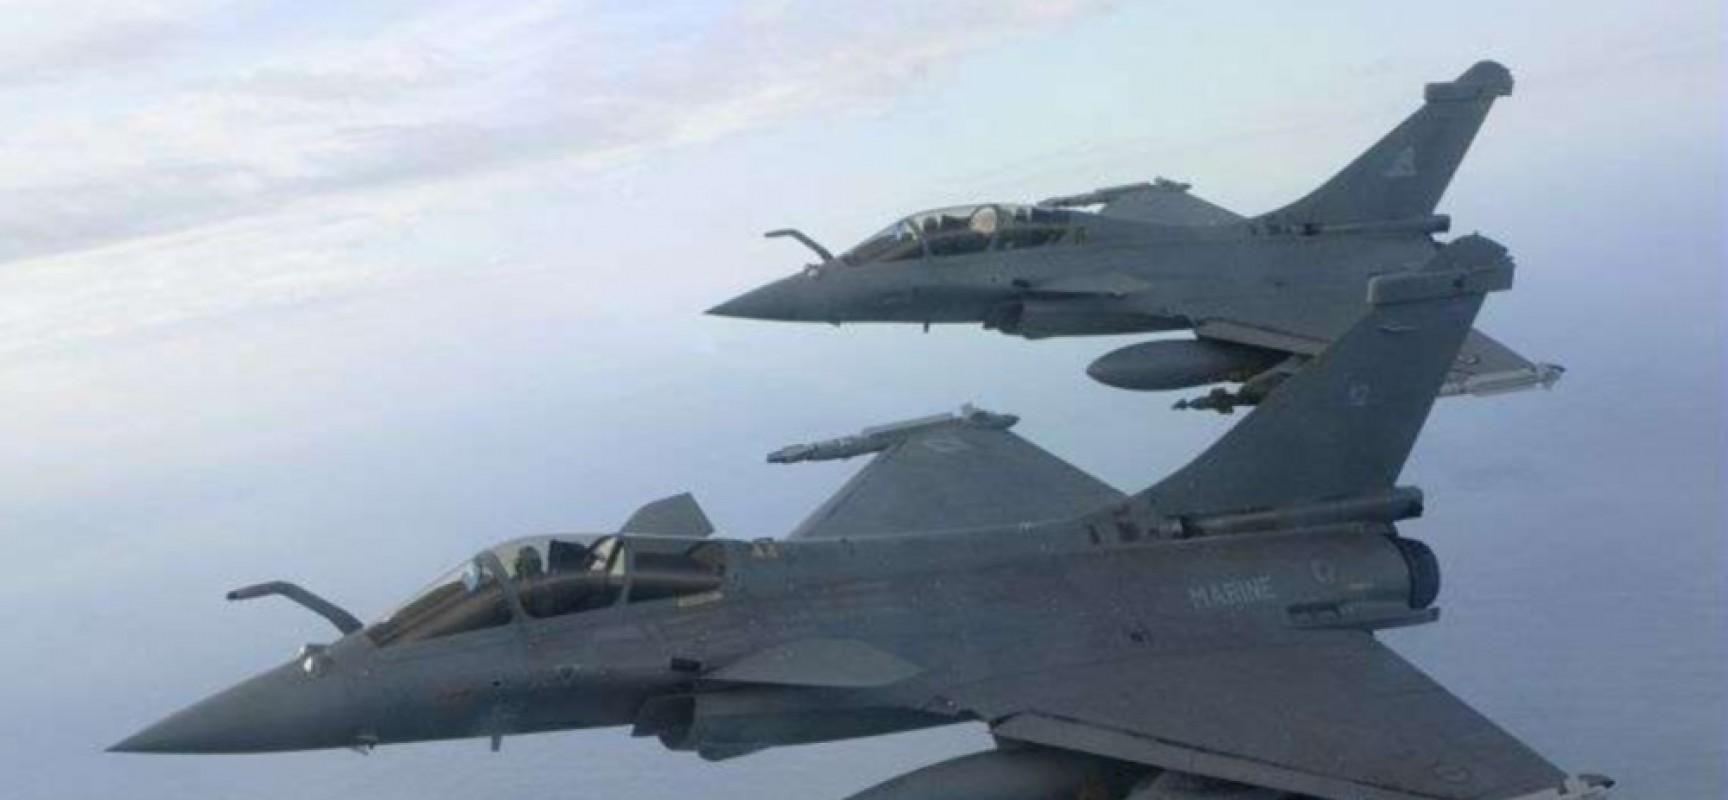 Rafale-le-corps-du-second-pilote-retrouve-1728x800_c